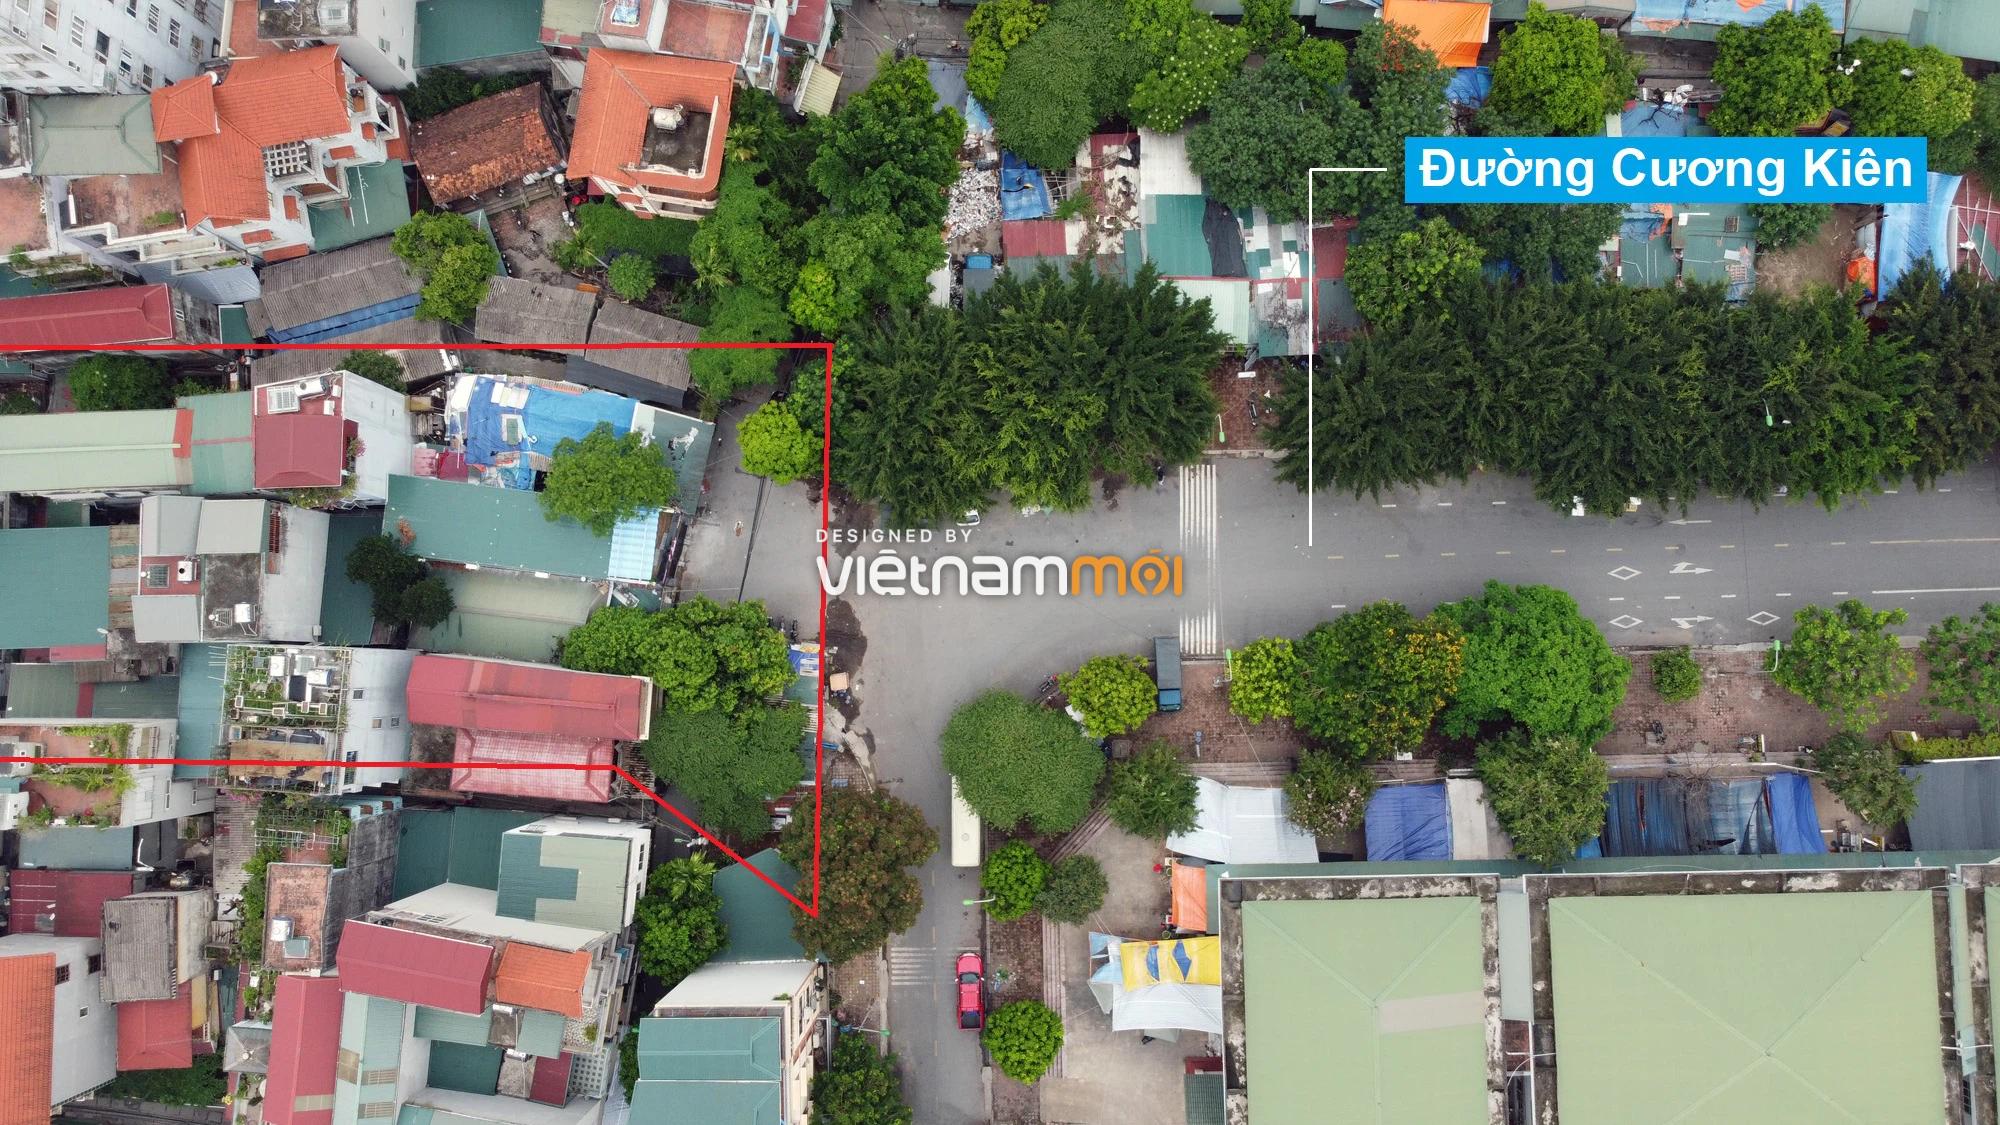 Những khu đất sắp thu hồi để mở đường ở phường Trung Văn, Nam Từ Liêm, Hà Nội (phần 1) - Ảnh 3.